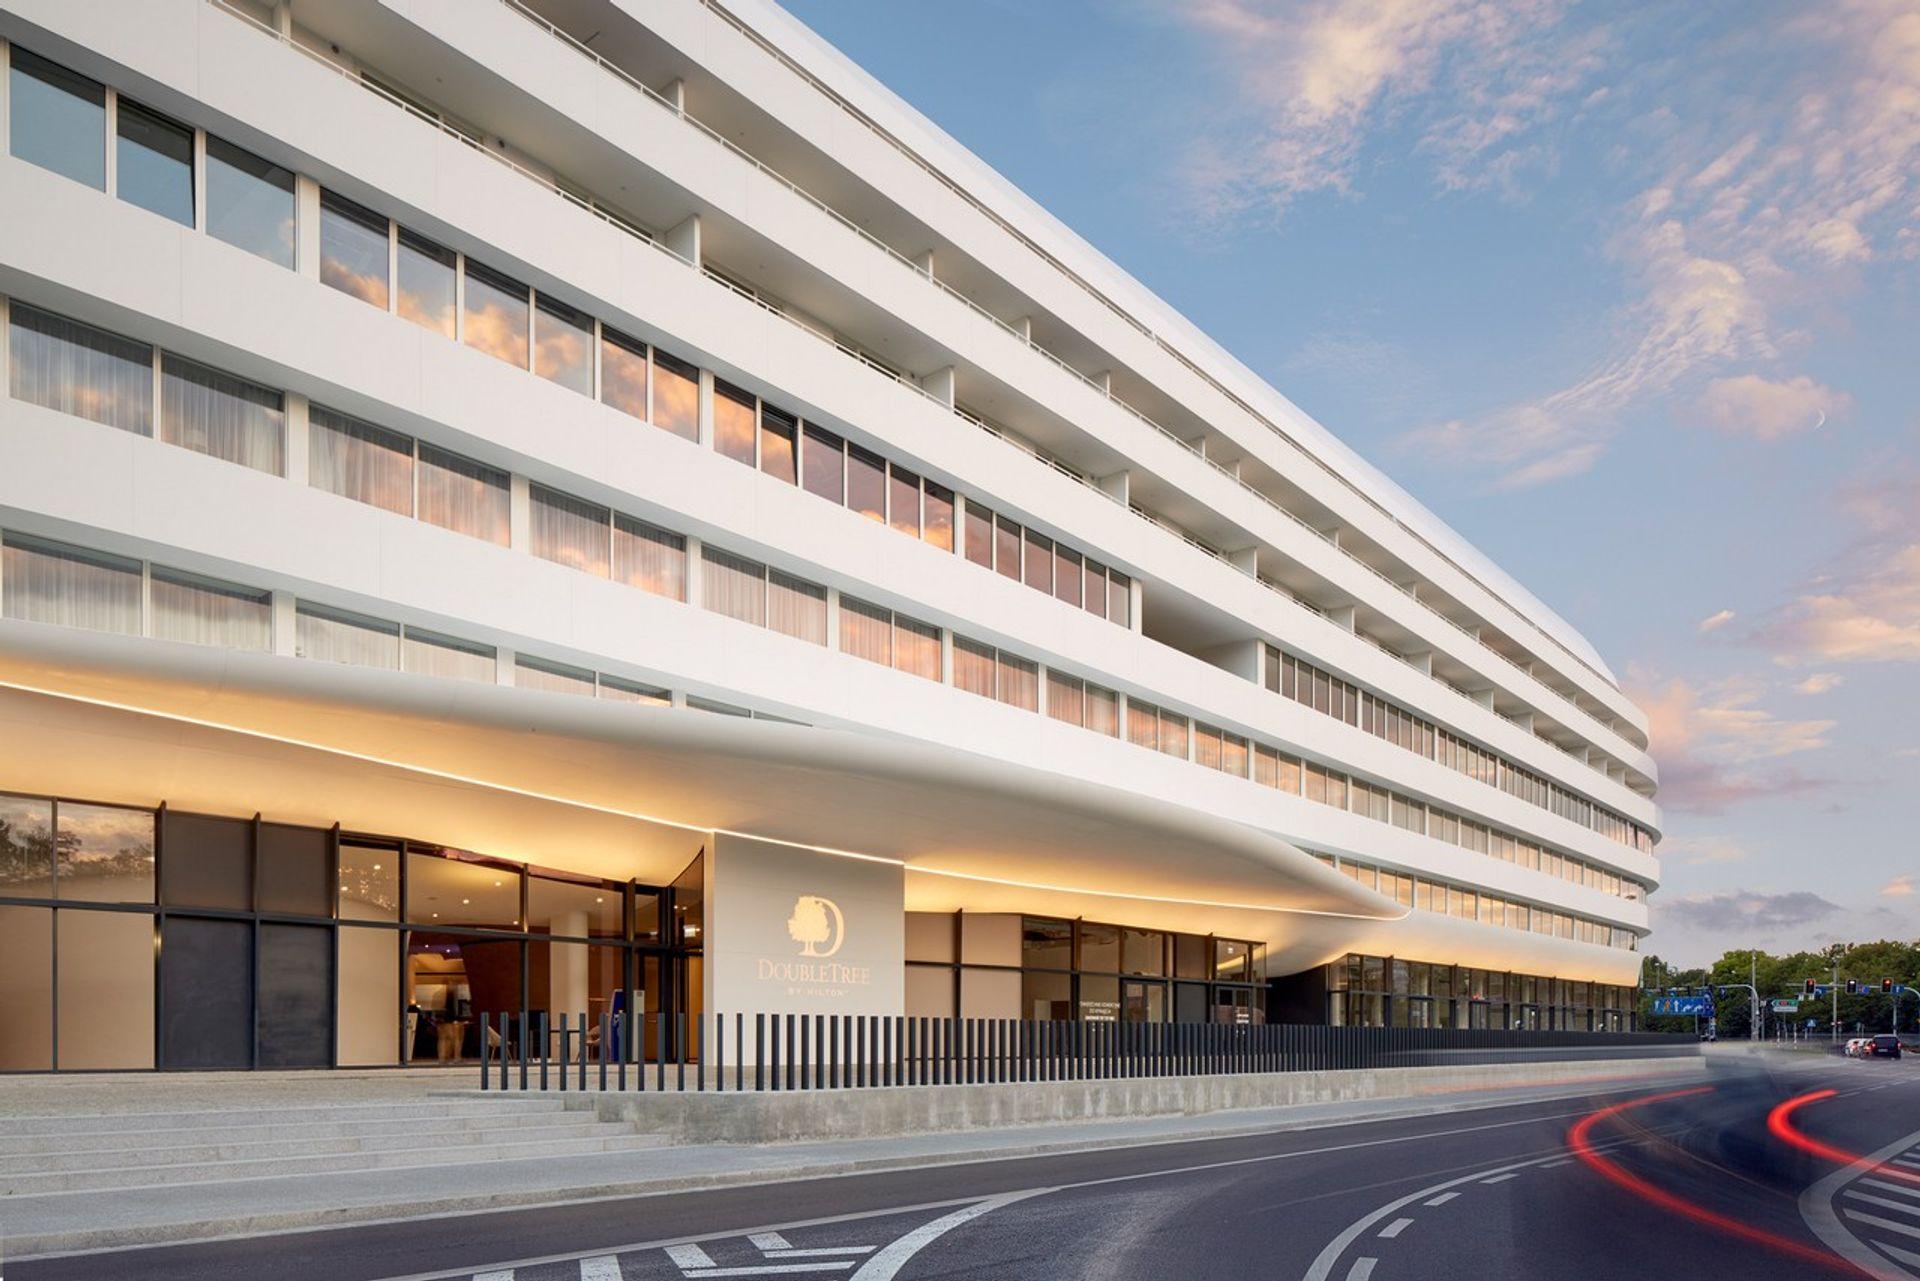 [Wrocław] Pierwszy Hilton we Wrocławiu już działa. Będą kolejne?